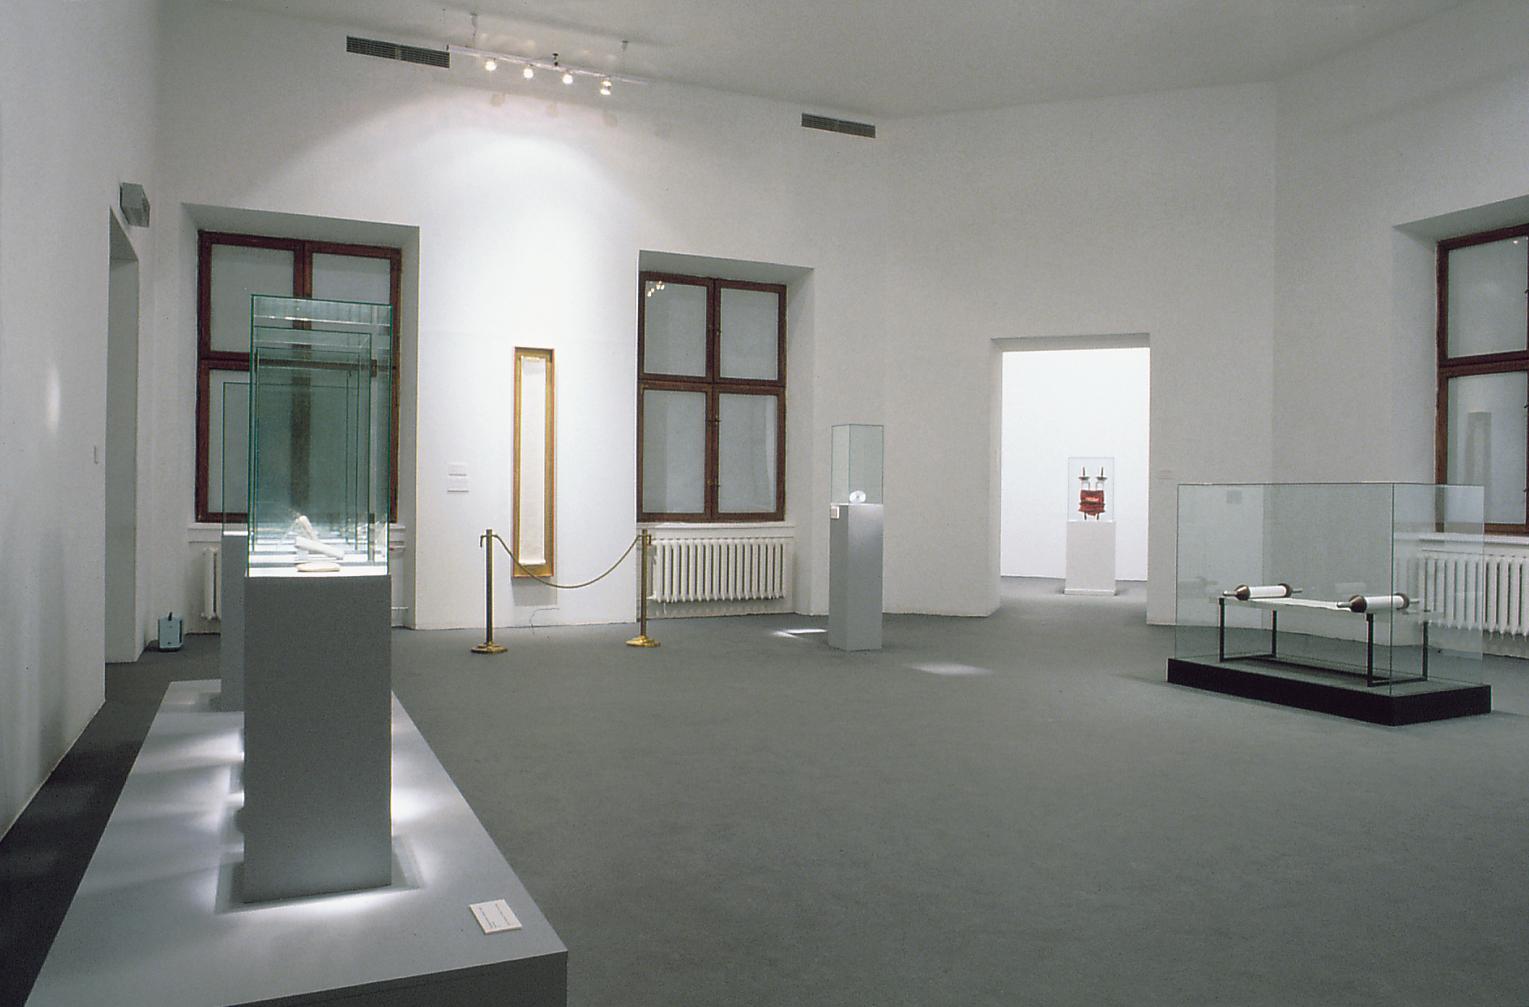 Exhibition, Gallery 2